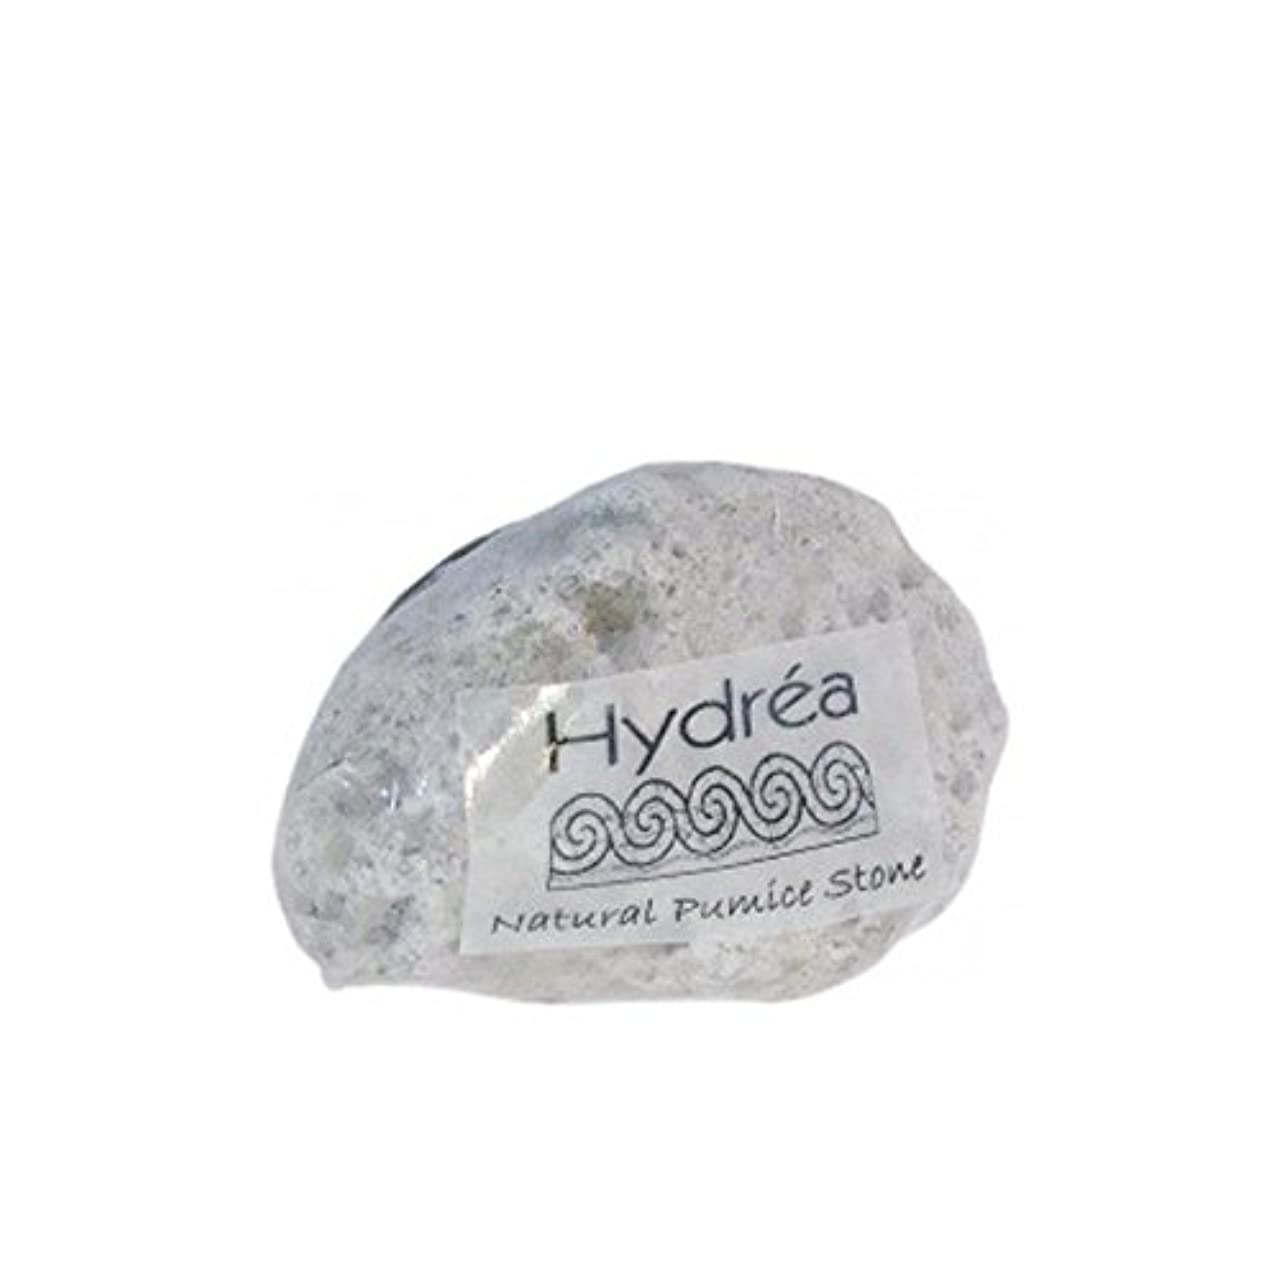 スノーケルソーシャルお客様Hydrea London - Natural Pumice Stone (Pack of 6) - ハイドレアロンドン - 自然軽石 x6 [並行輸入品]